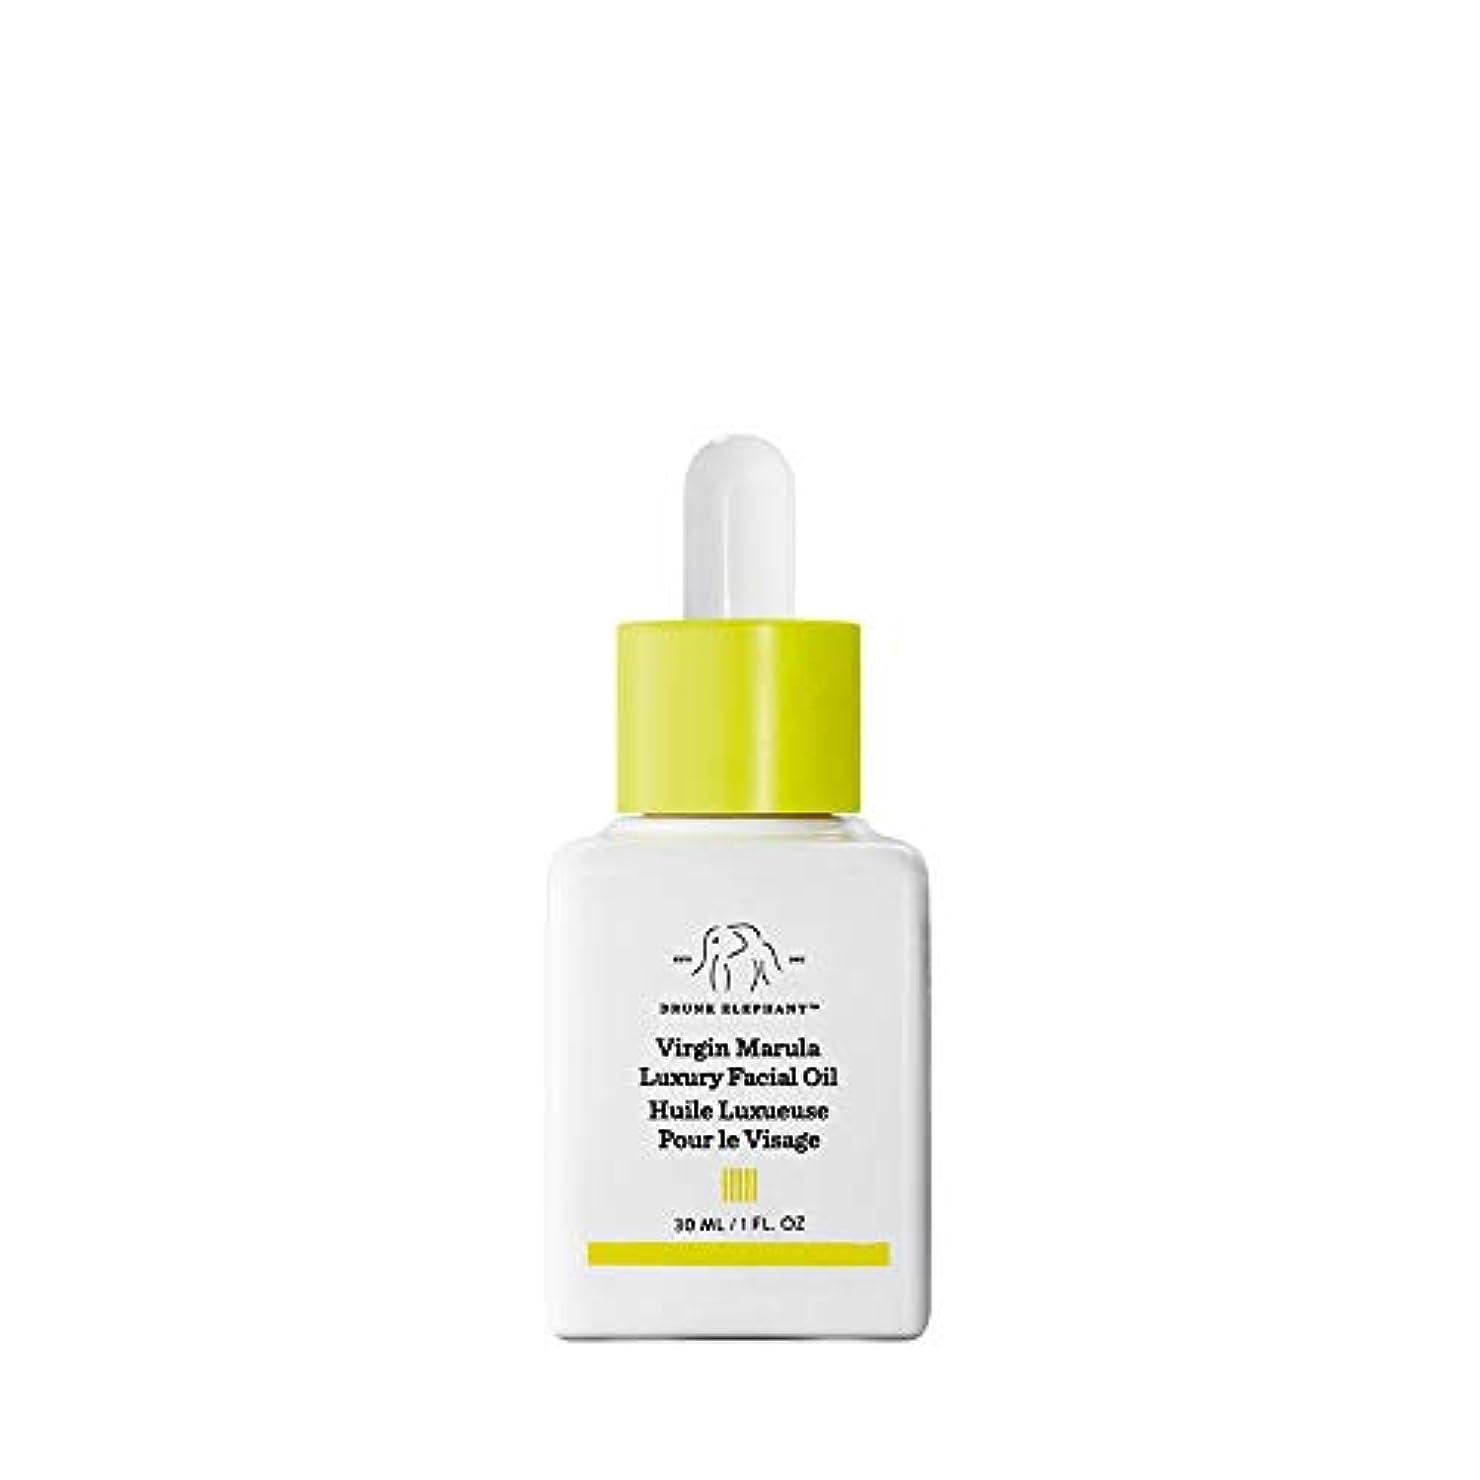 聖歌場所珍しいDRUNK ELEPHANT Virgin Marula Luxury Facial Oil 1 oz/ 30 ml ドランクエレファント バージンマルラ ラグジュアリー フェイシャルオイル1 oz/ 30 ml